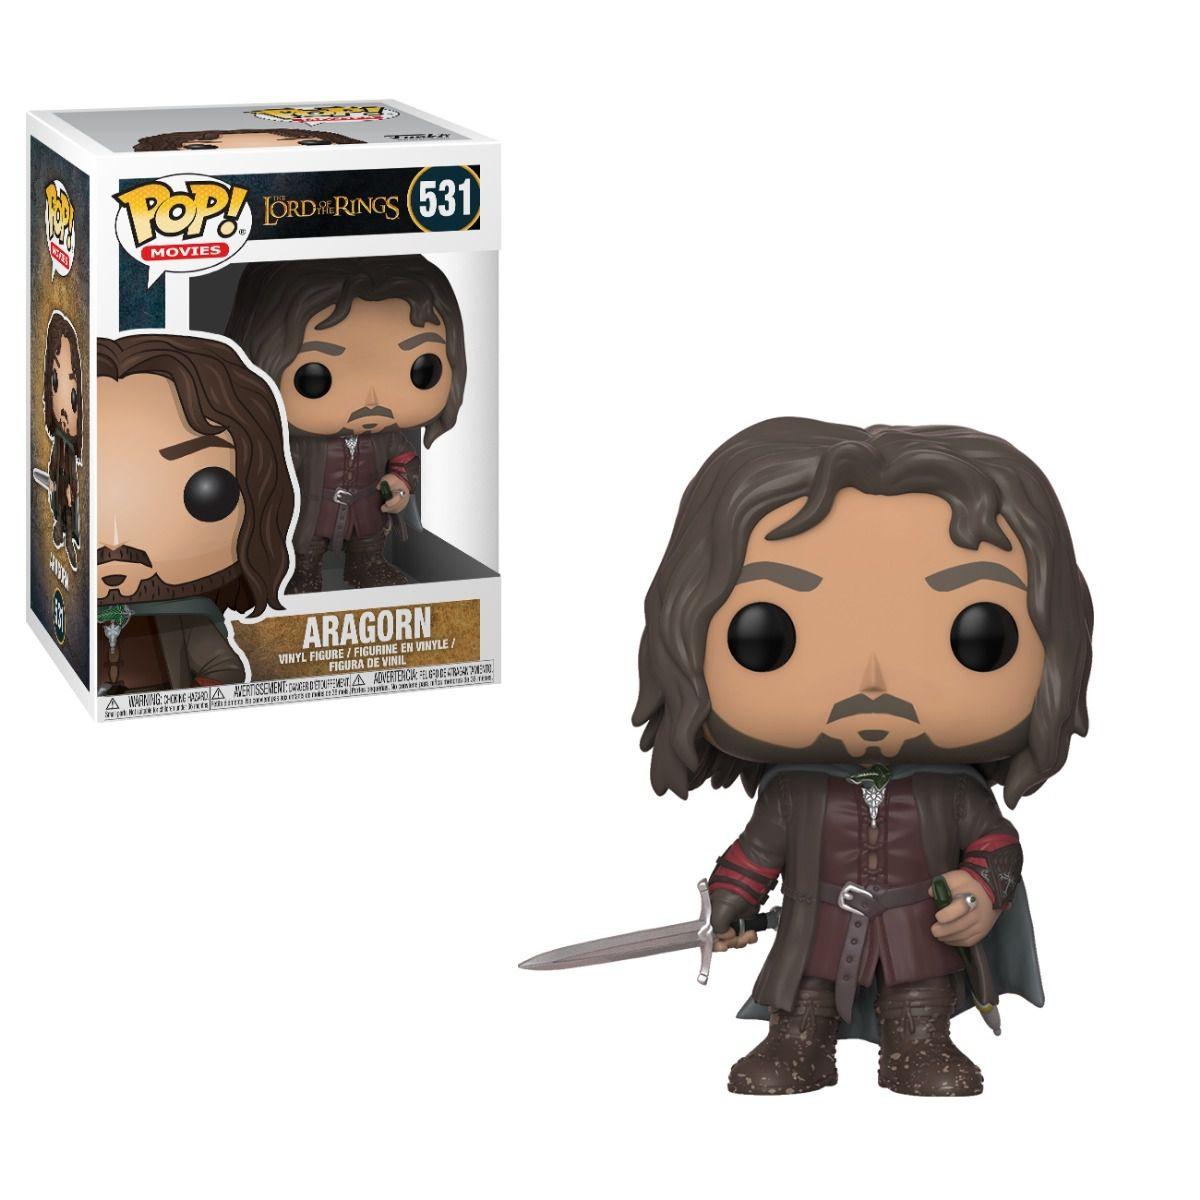 Funko Pop Filmes - Senhor dos Anéis - Aragorn 531